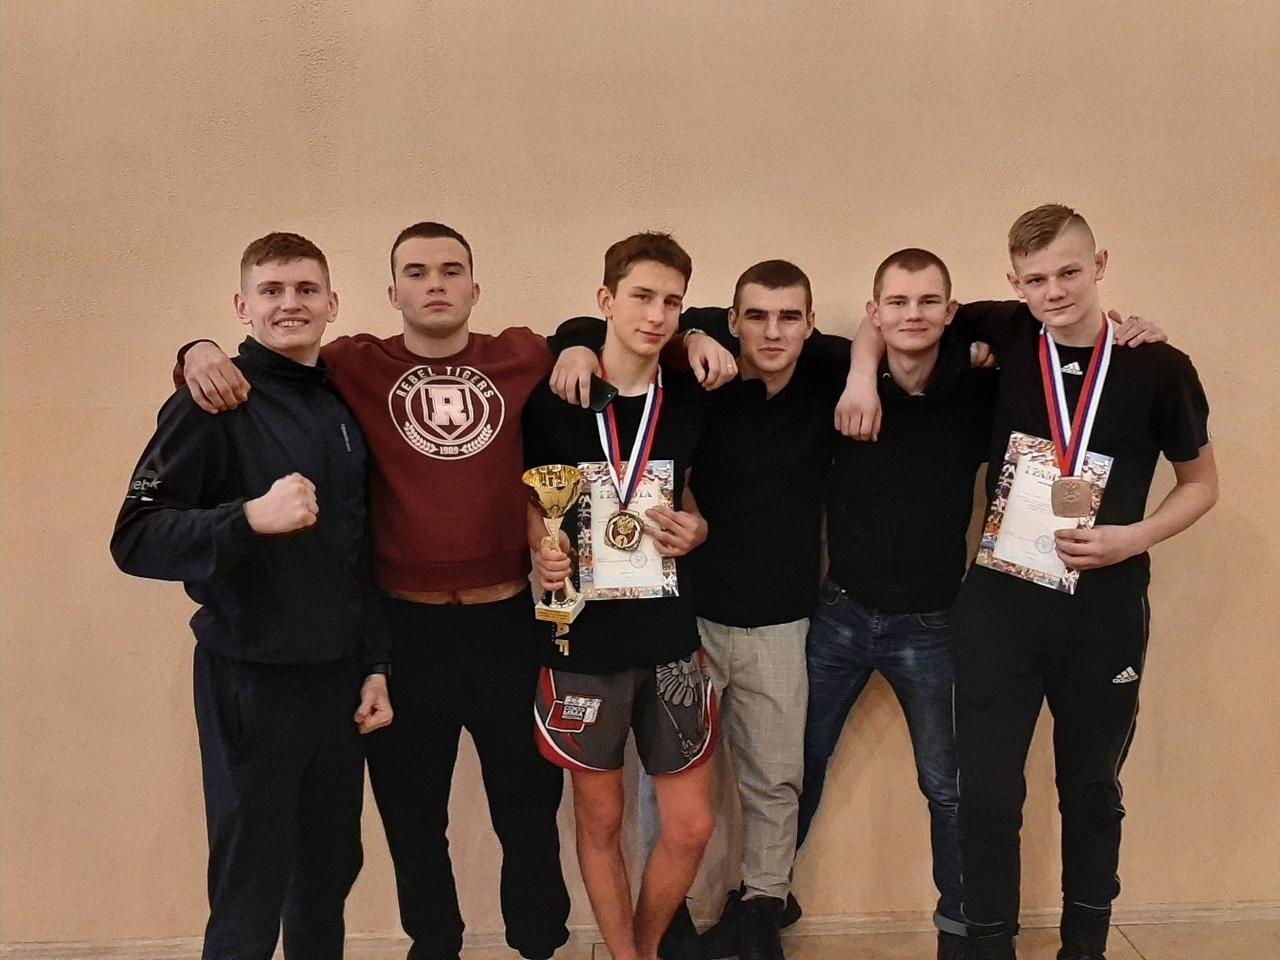 Петровчане стали чемпионами областного первенства по смешанному боевому единоборству